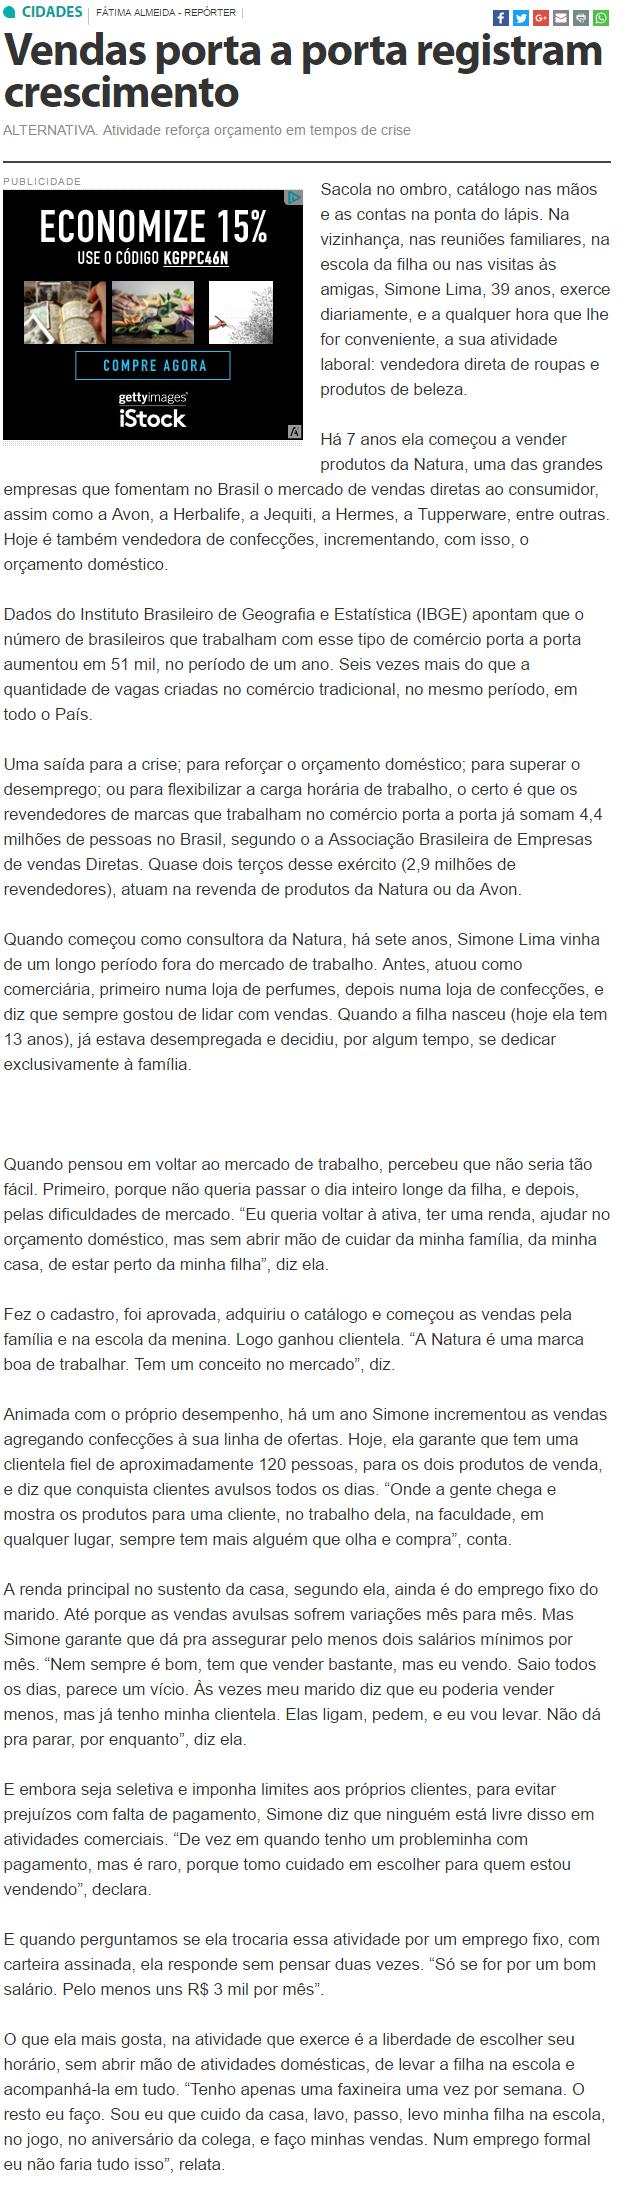 Vendas porta a porta registram crescimento   Gazeta de Alagoas   Evoluindo a informação